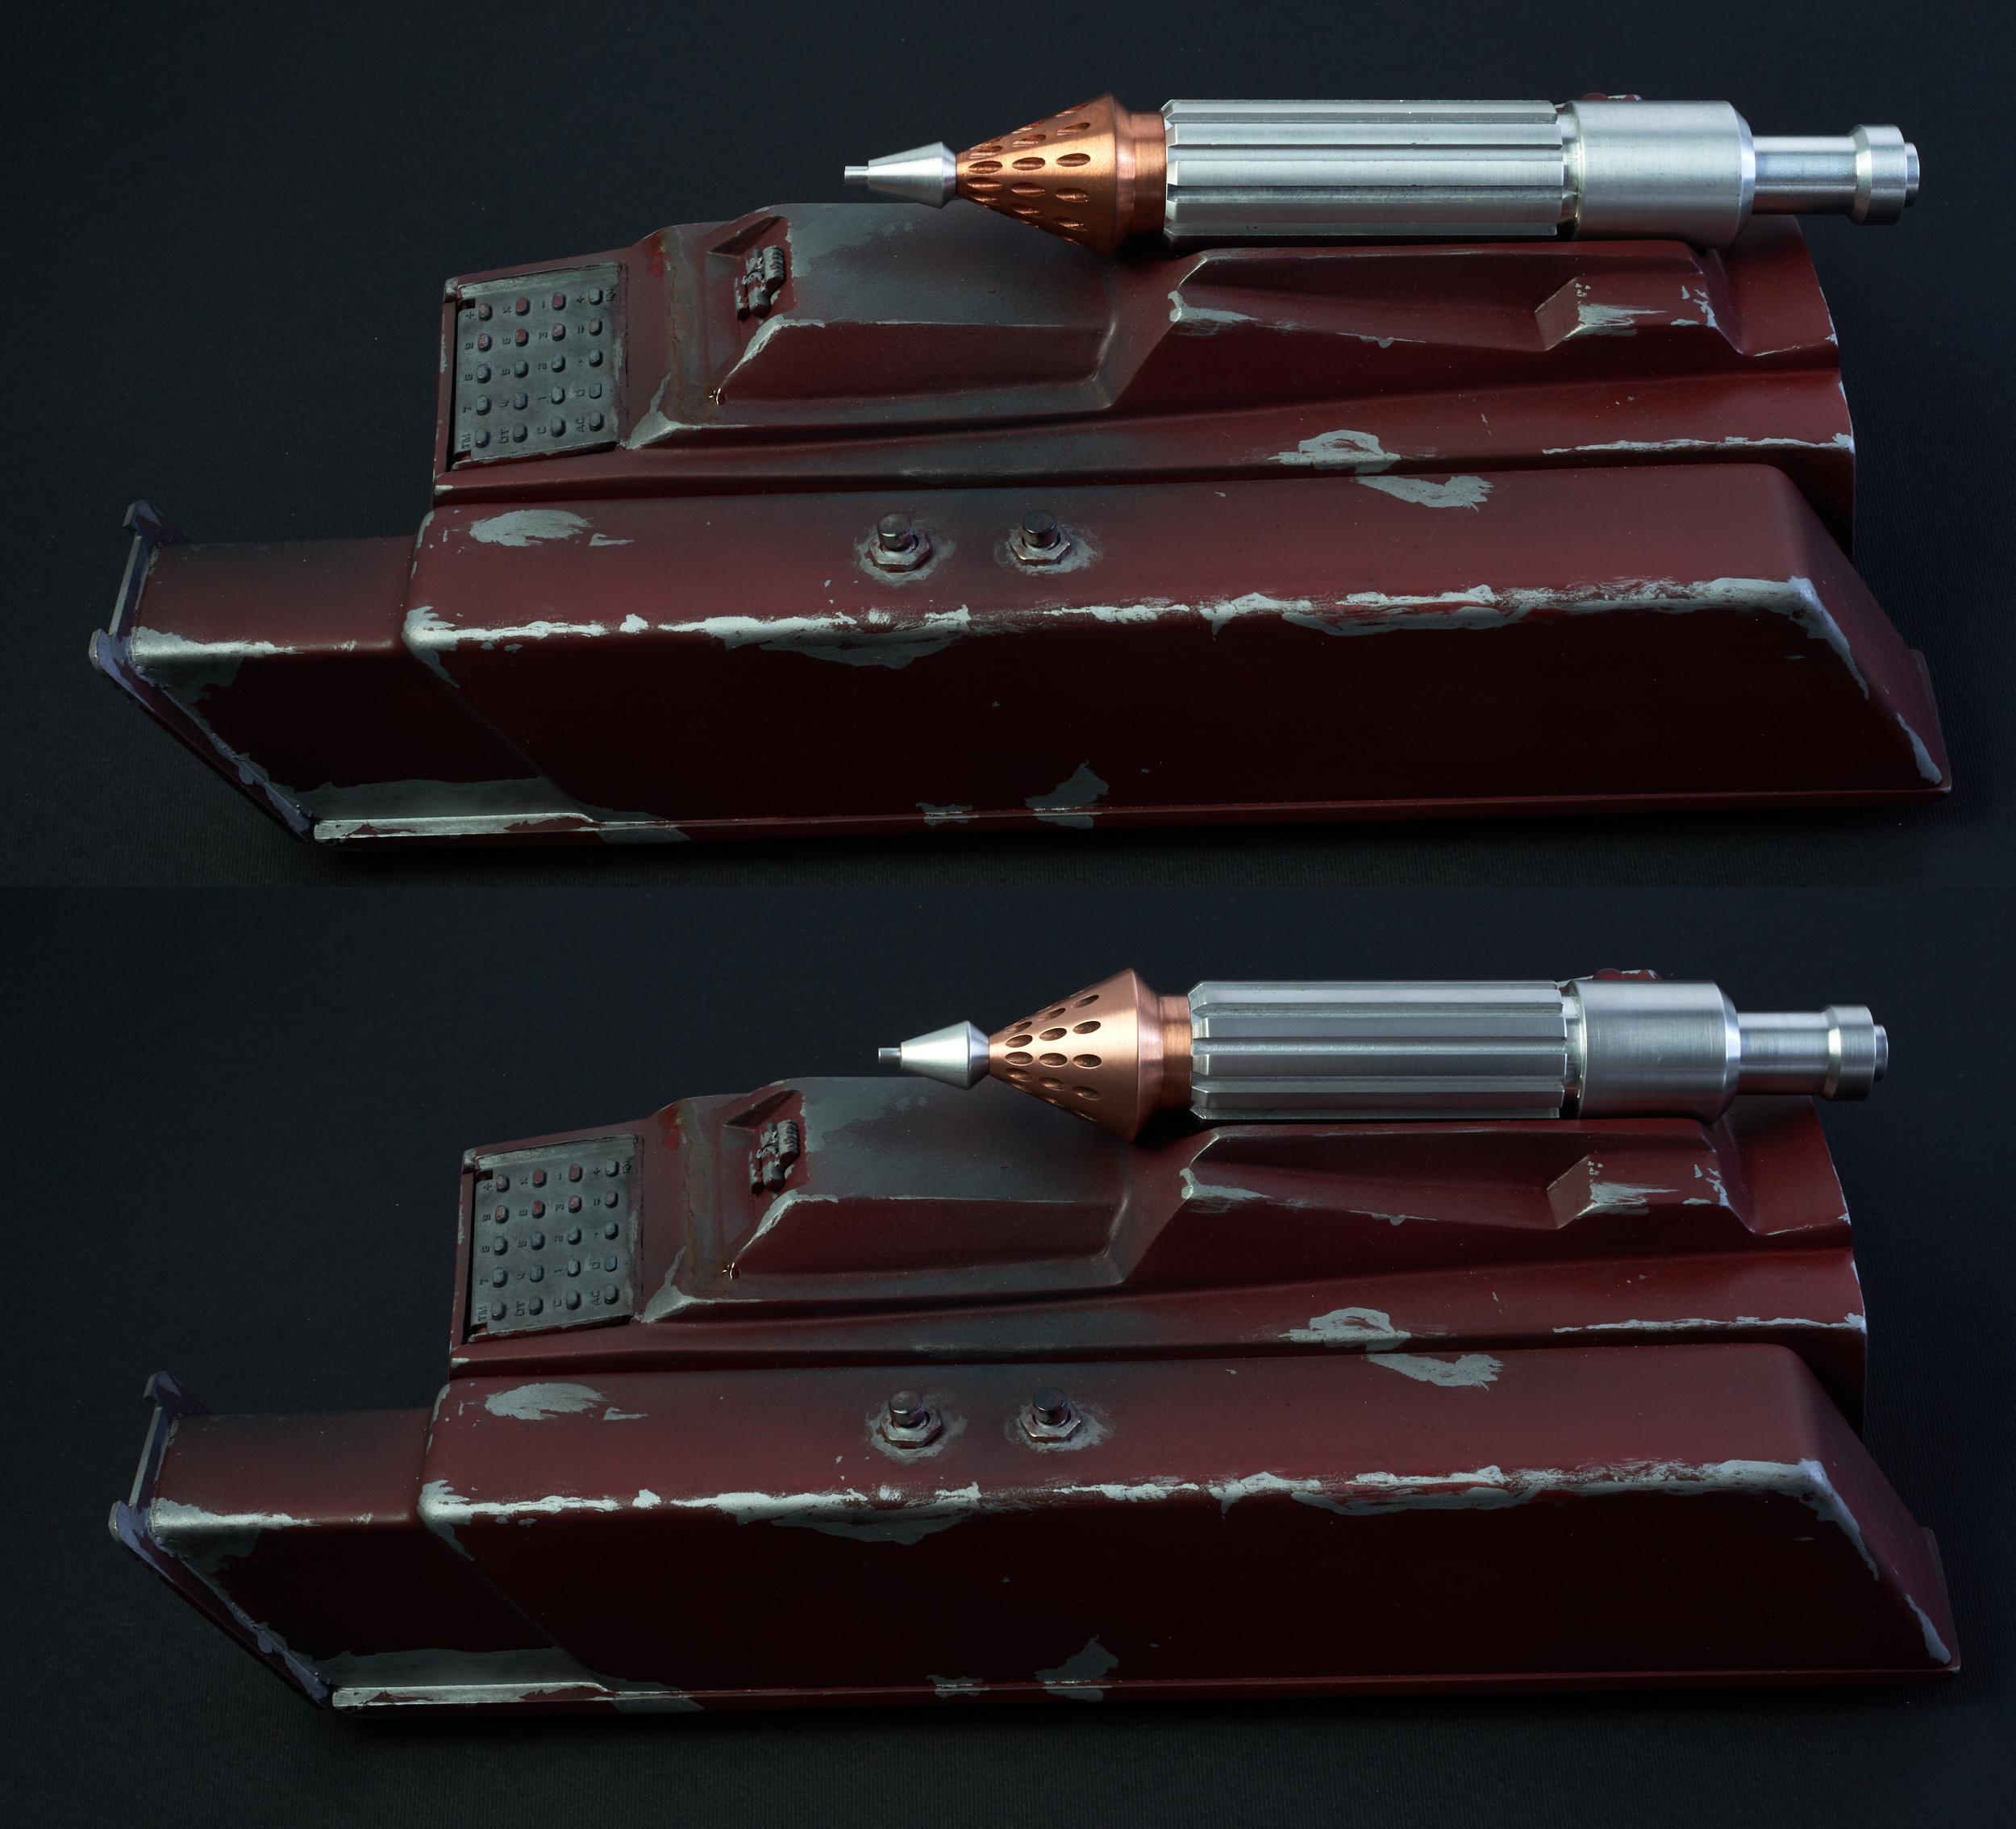 MCR Gauntlet Rocket V3 comparison3.jpg